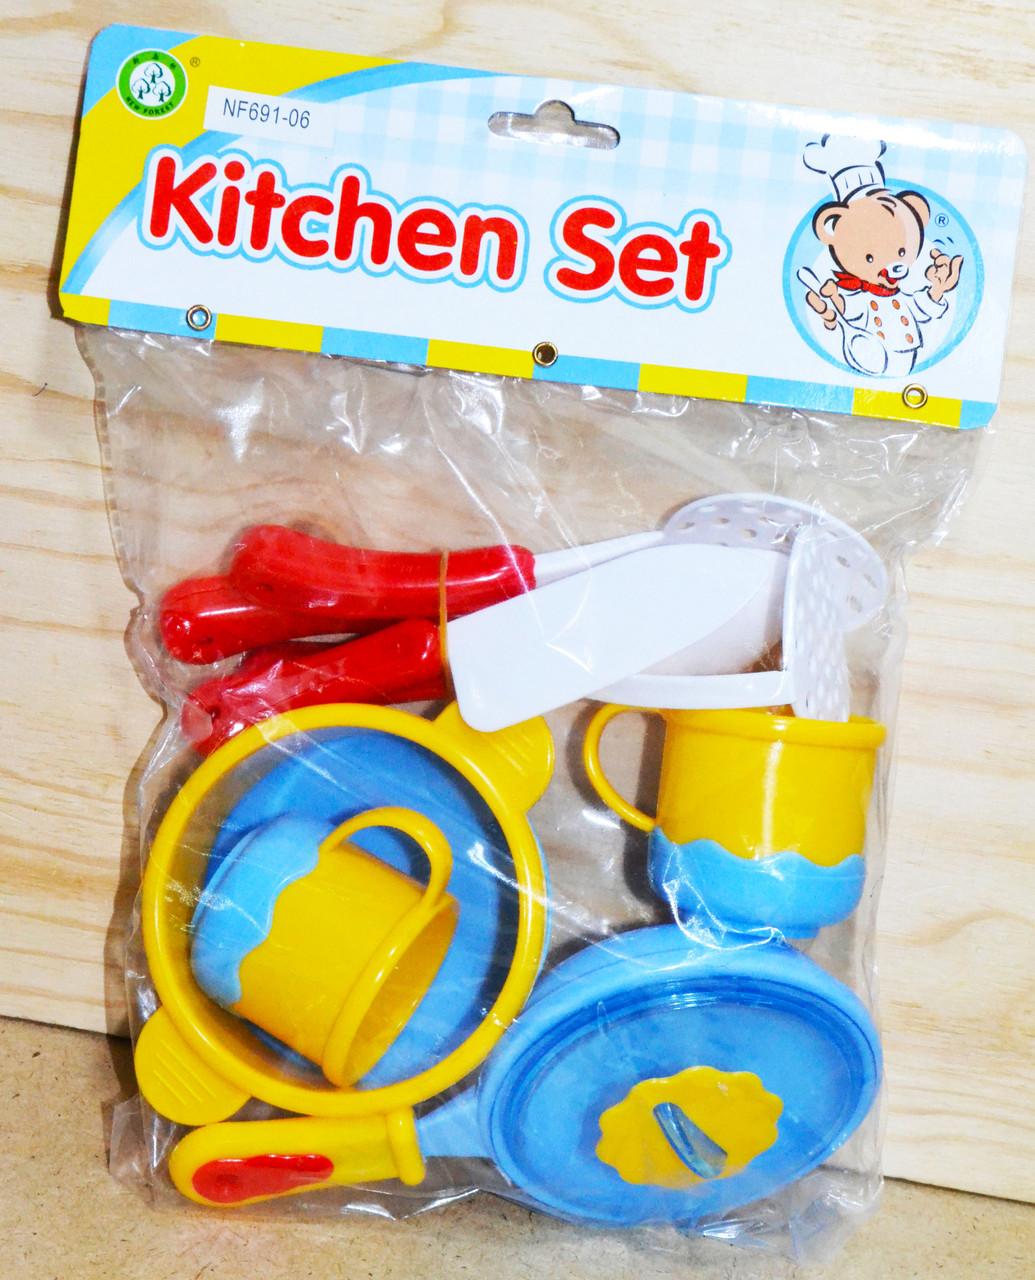 691-06 Kitchen set посуда в пакете 26*22см